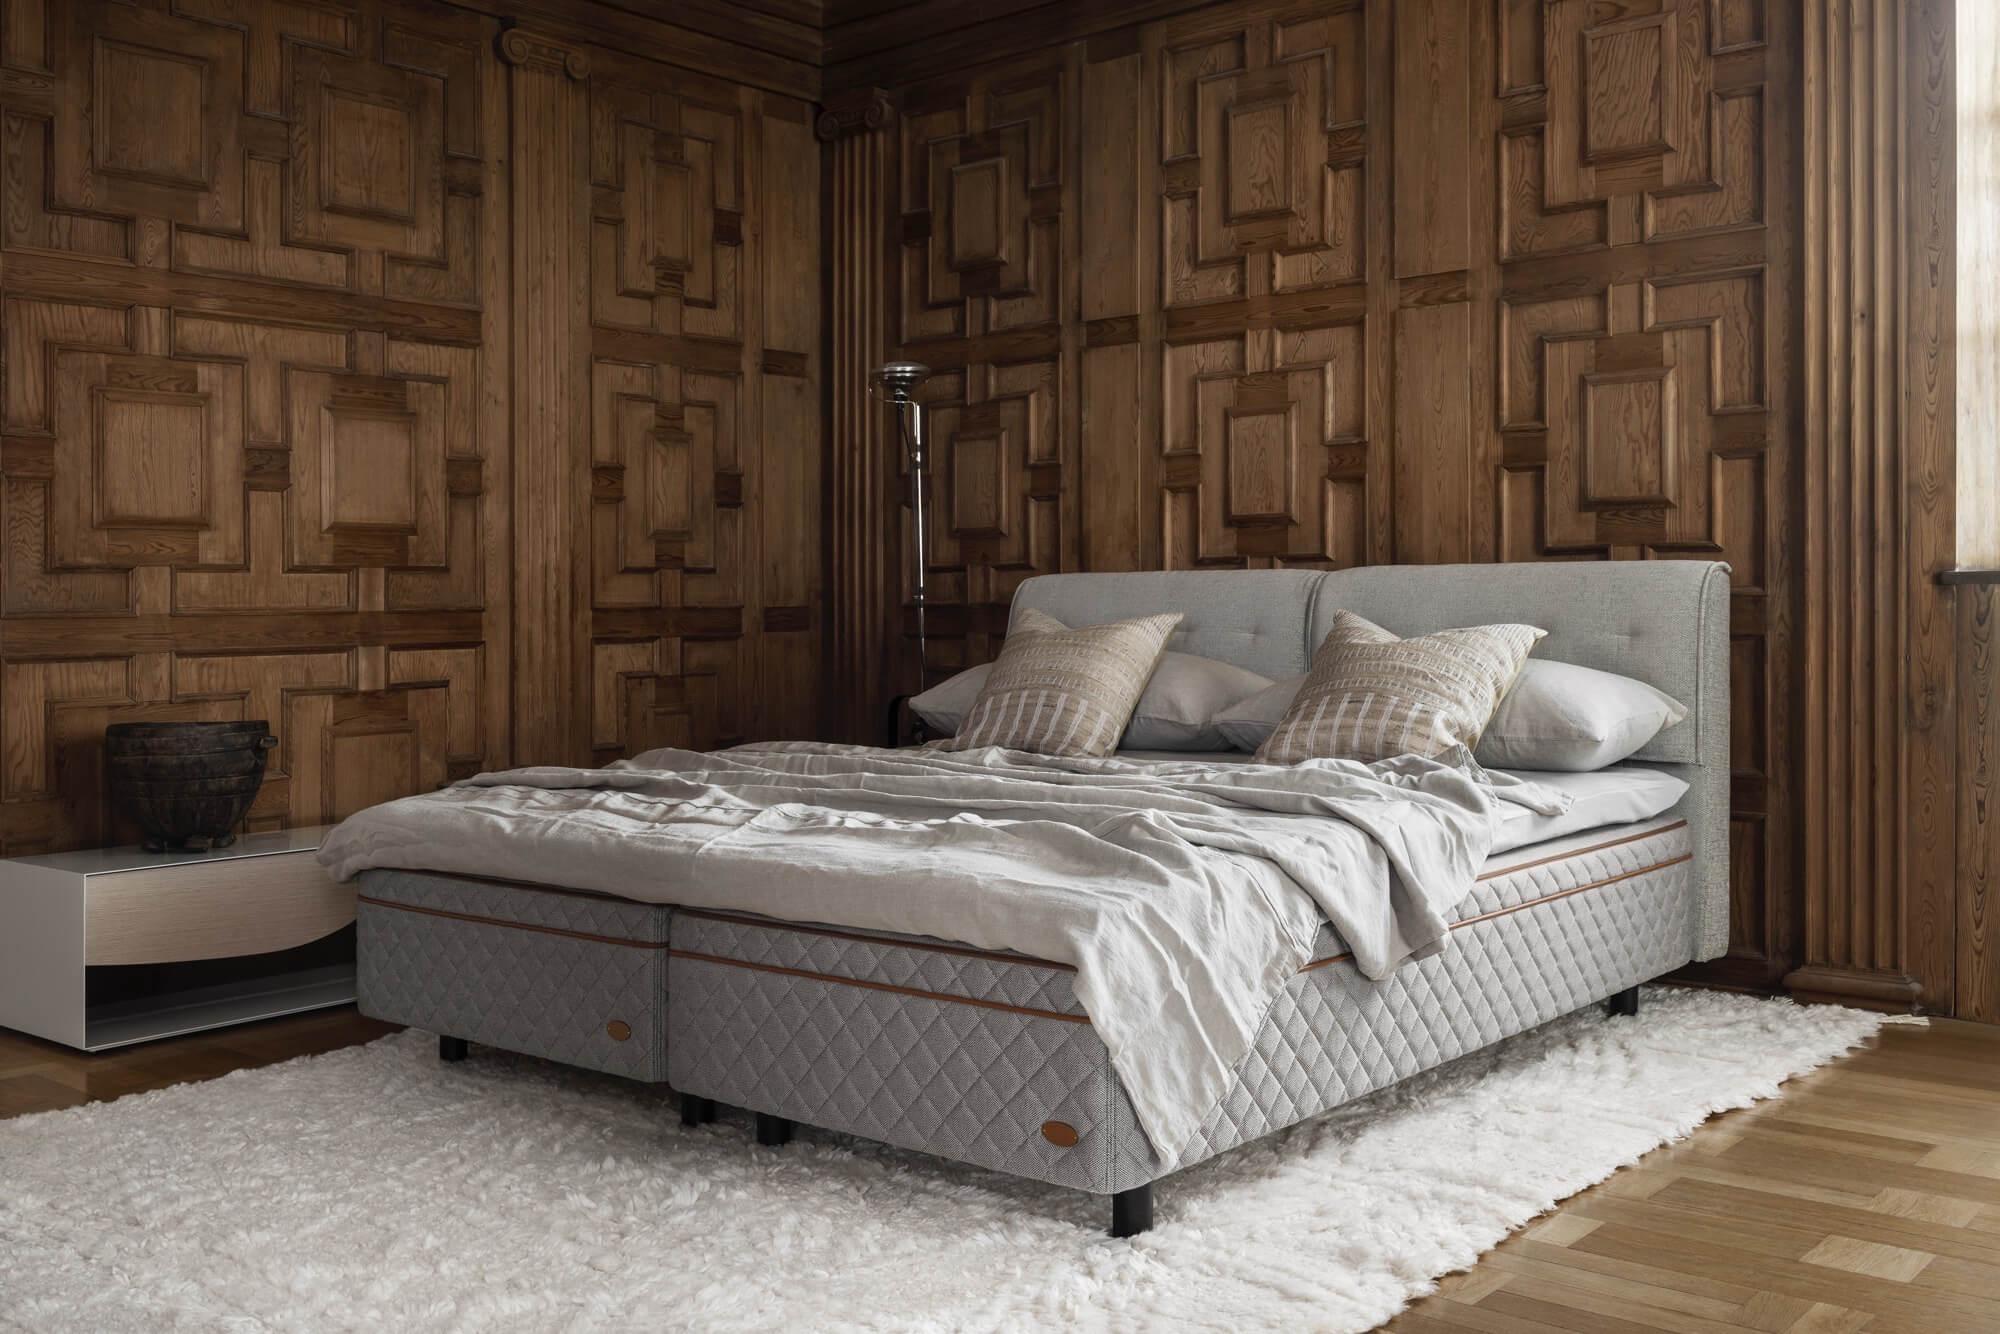 「起き心地」がこんなに違う。高級ベッド「DUXIANA(デュクシアーナ)」がおすすめの理由。